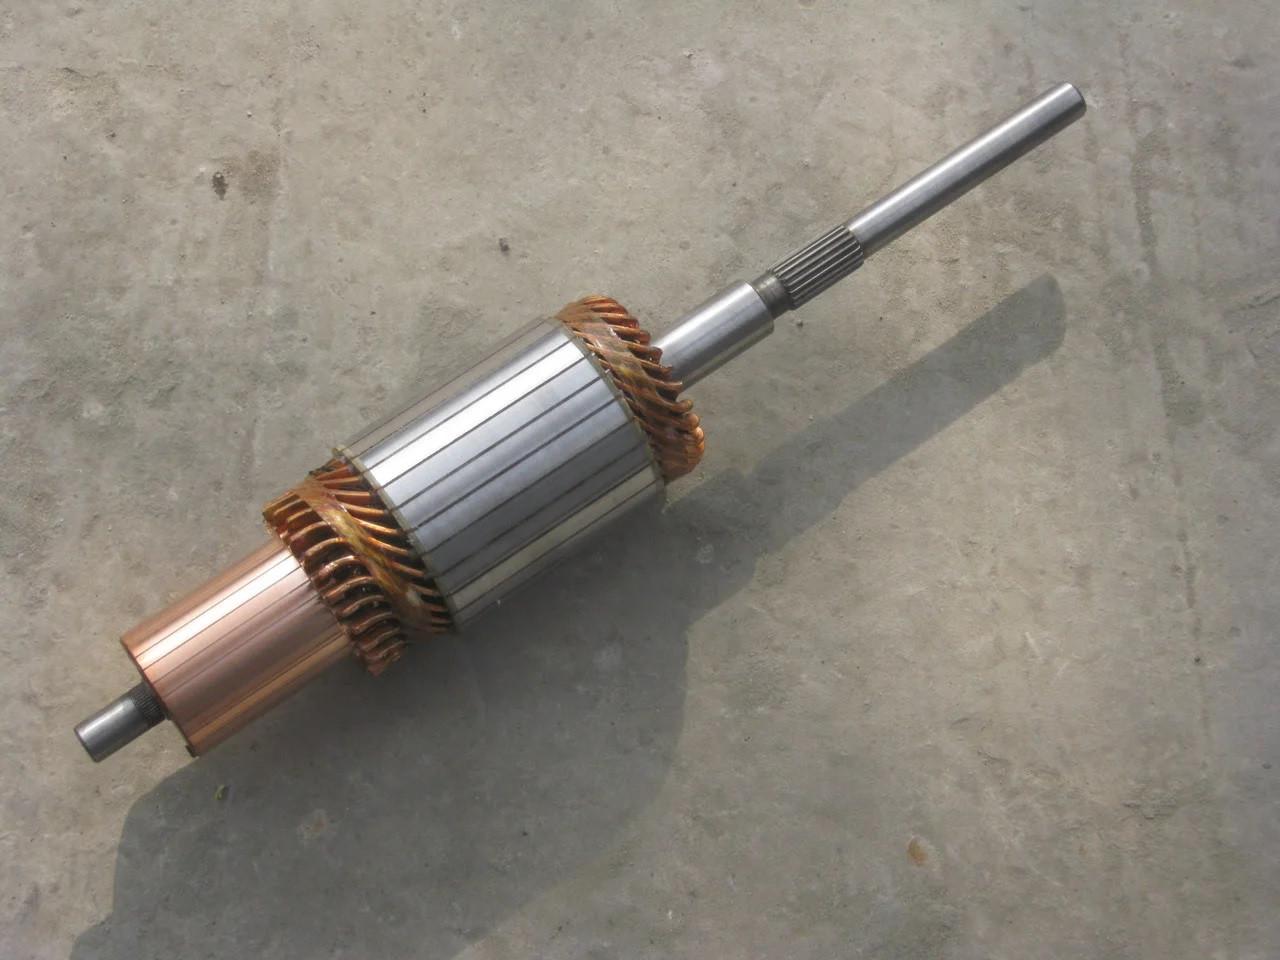 Якір стартера 3212.3708 смд 23 (24 вольт)